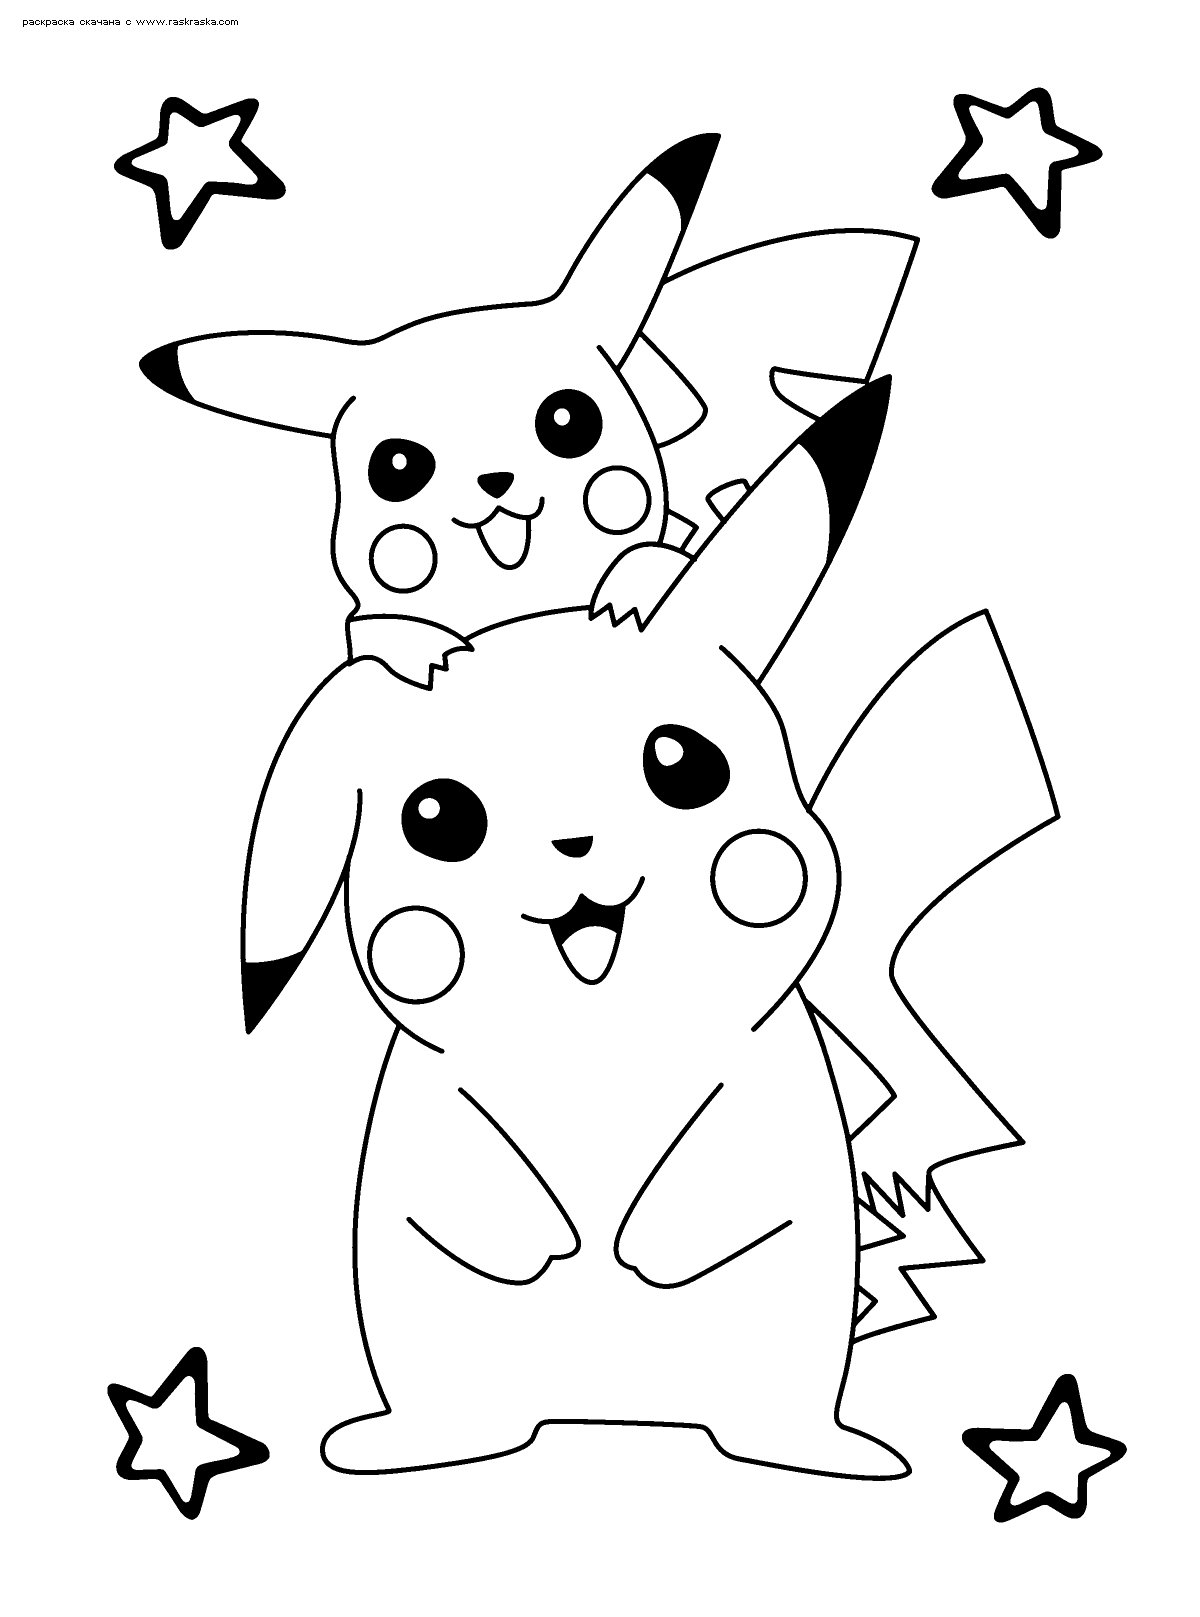 Раскраска Покемоны | Раскраски Пикачу (Pikachu)